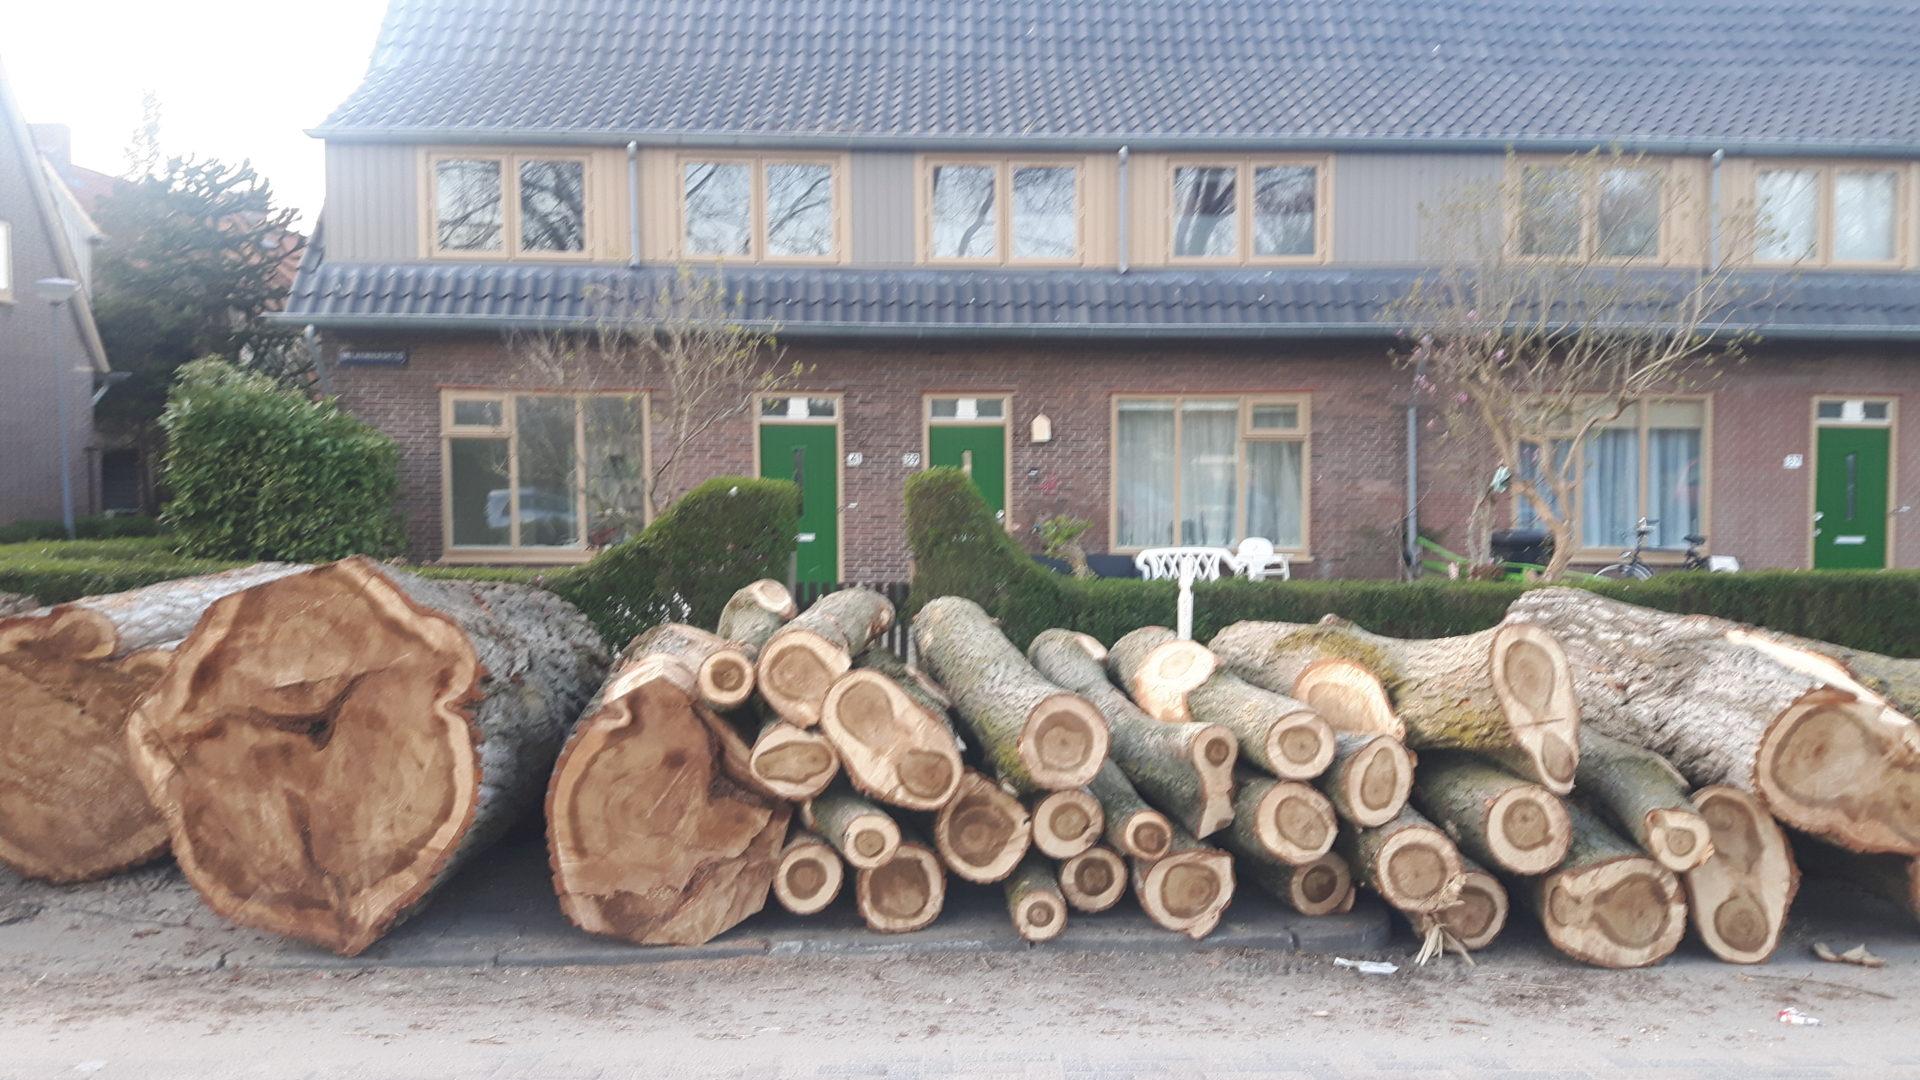 Bomen verdwijnen uit het straatbeeld. (bomenkapmeldpunt.nl, foto: Rotterdam)